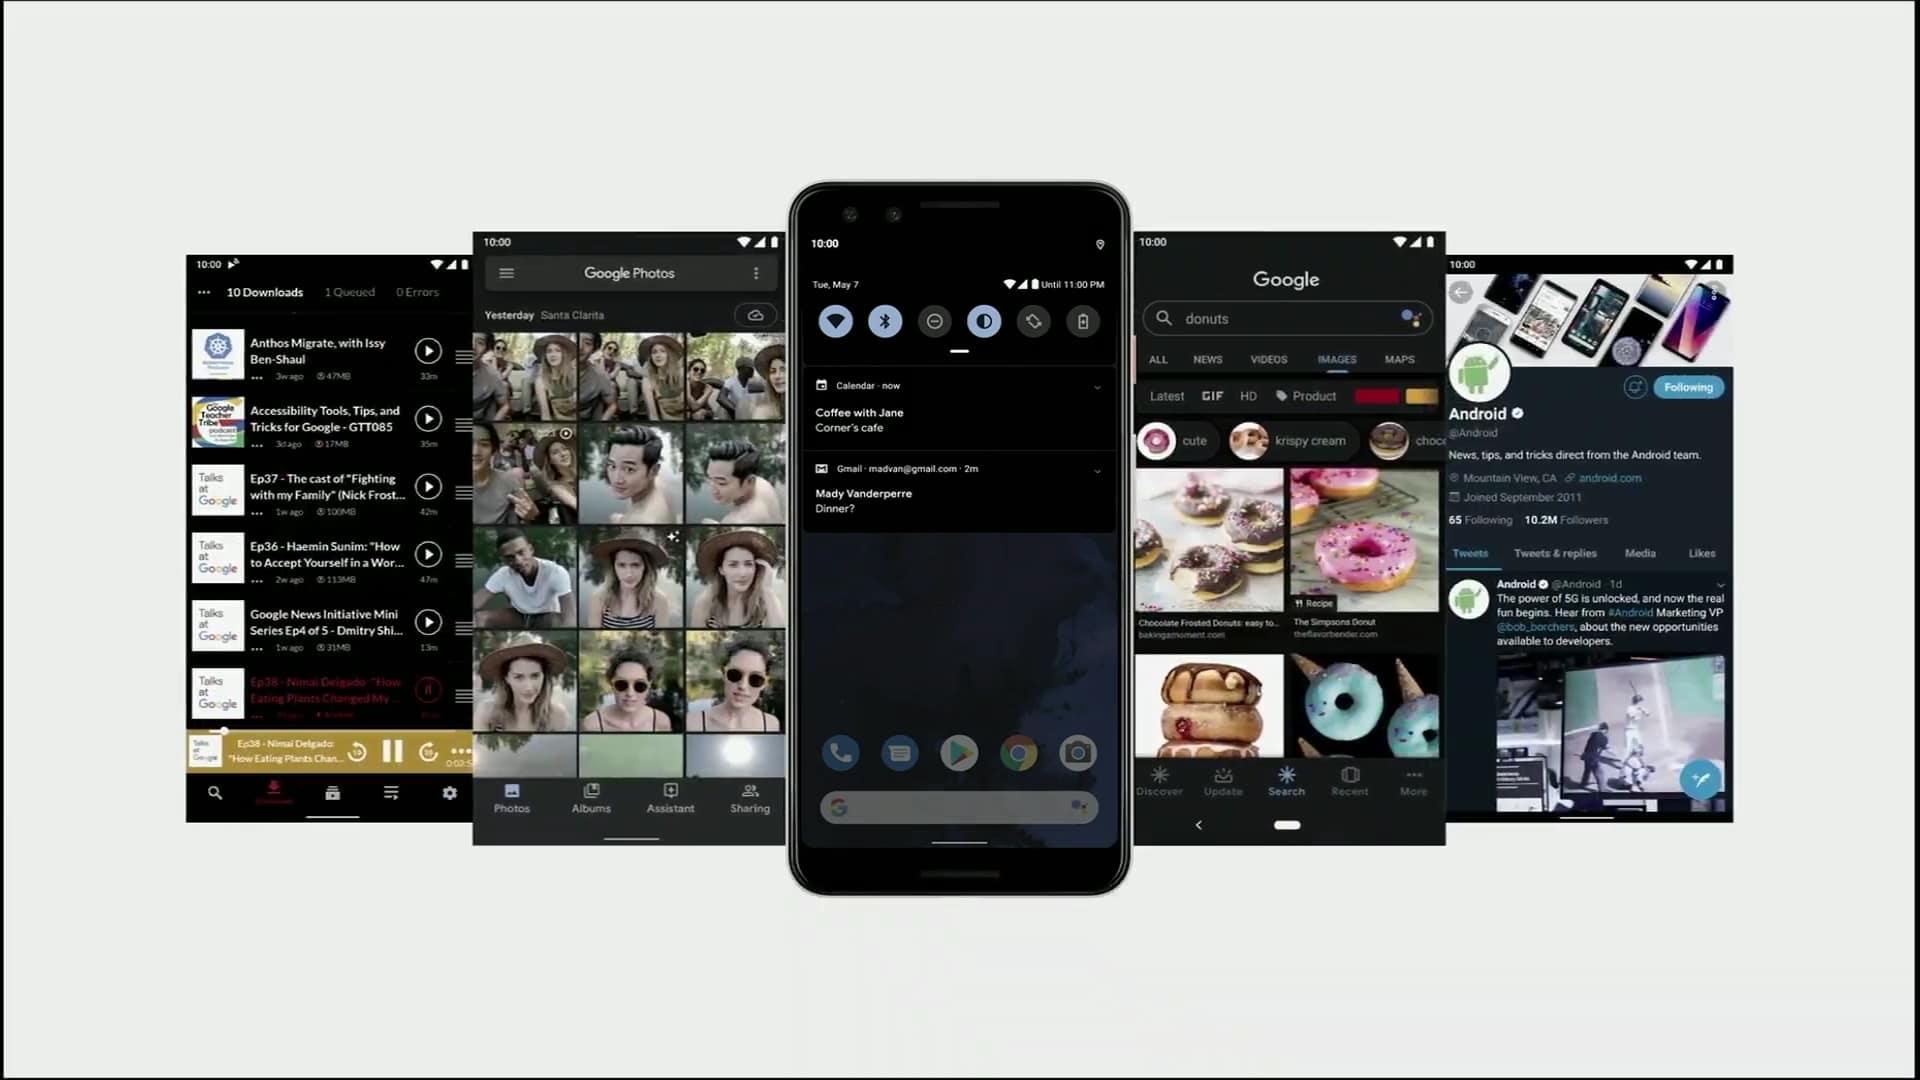 - สรุปงาน Google I/O 2019 | เปิดตัว Pixel 3a รุ่นกลาง อัปเกรดฟีเจอร์ให้ Search และ Assistant